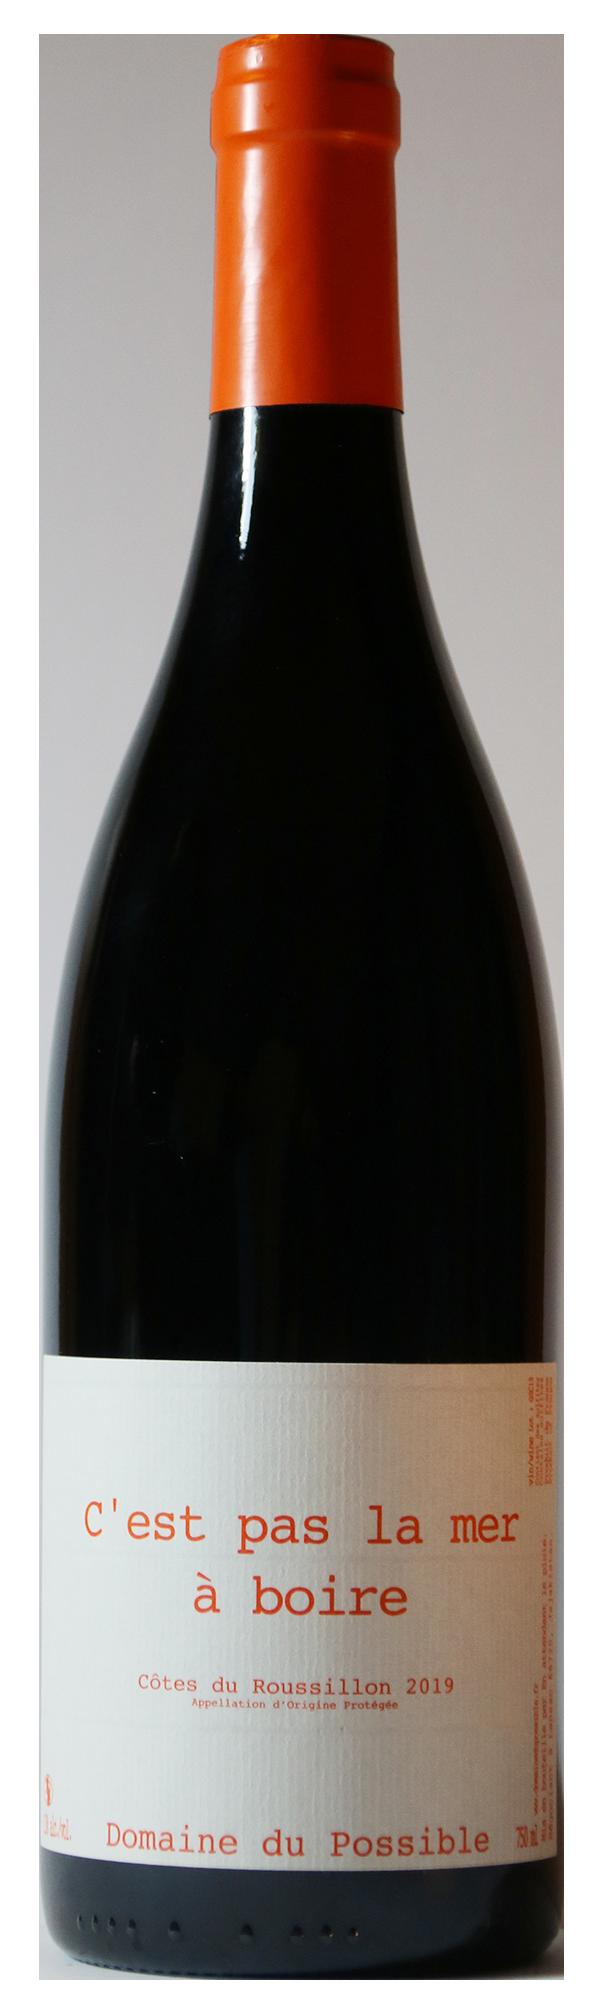 Bouteille de vin rouge avec son étiquette